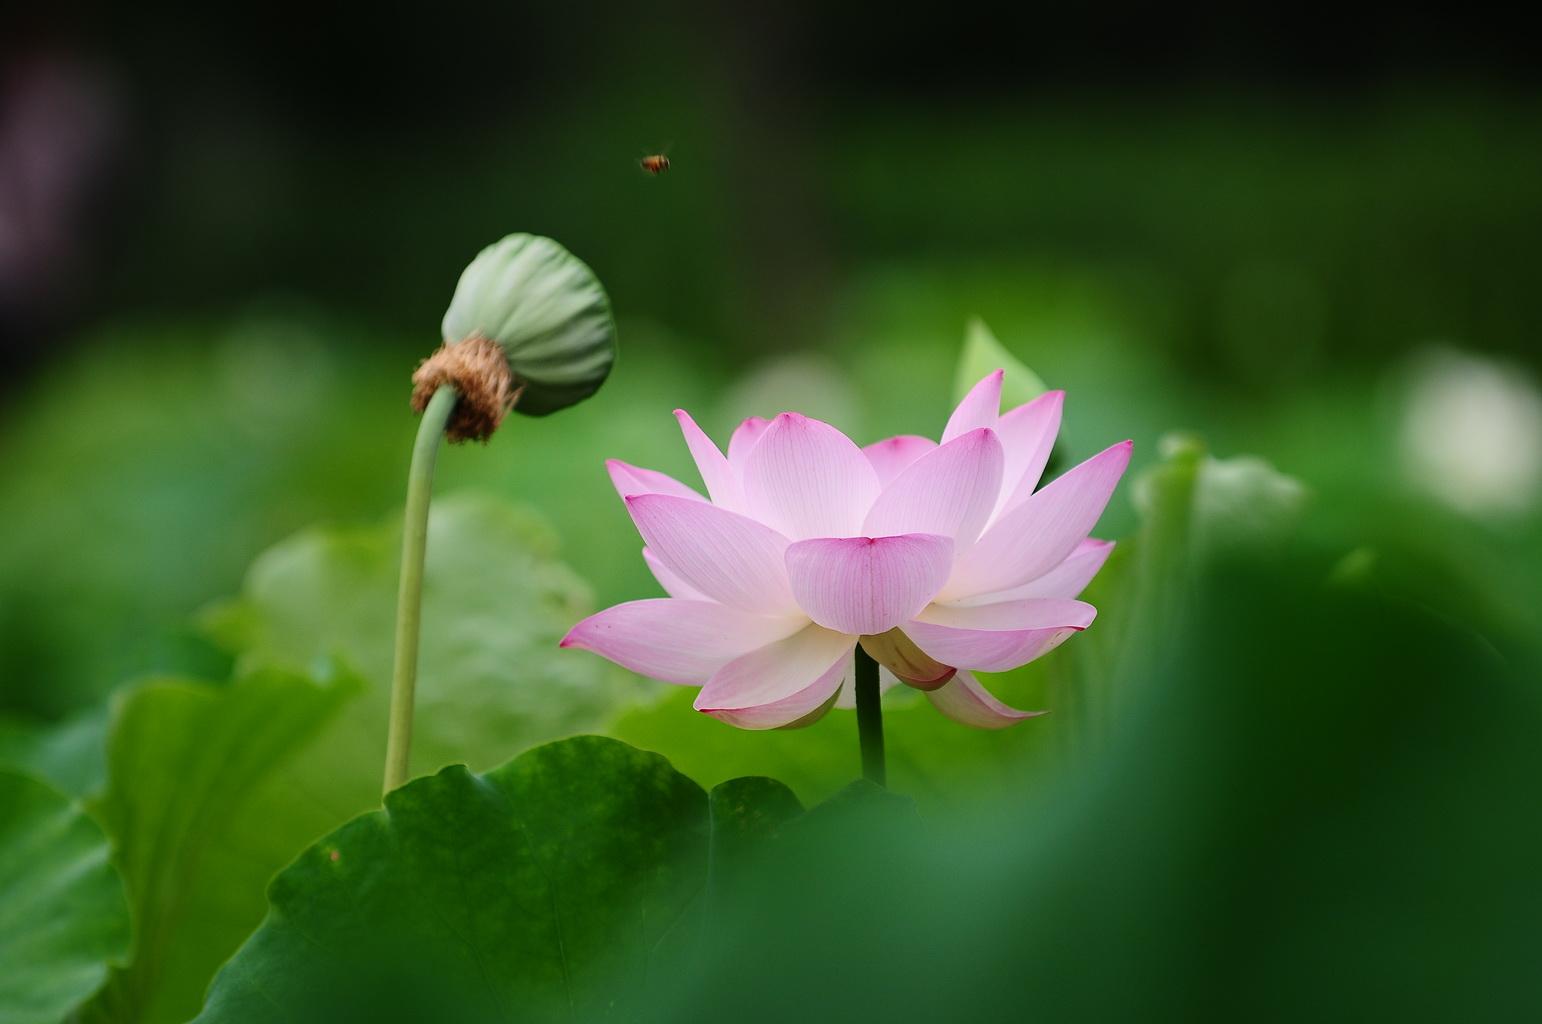 去年冬天,太阳岛风景区对这些引种荷花做了越冬尝试,所有的花都在原